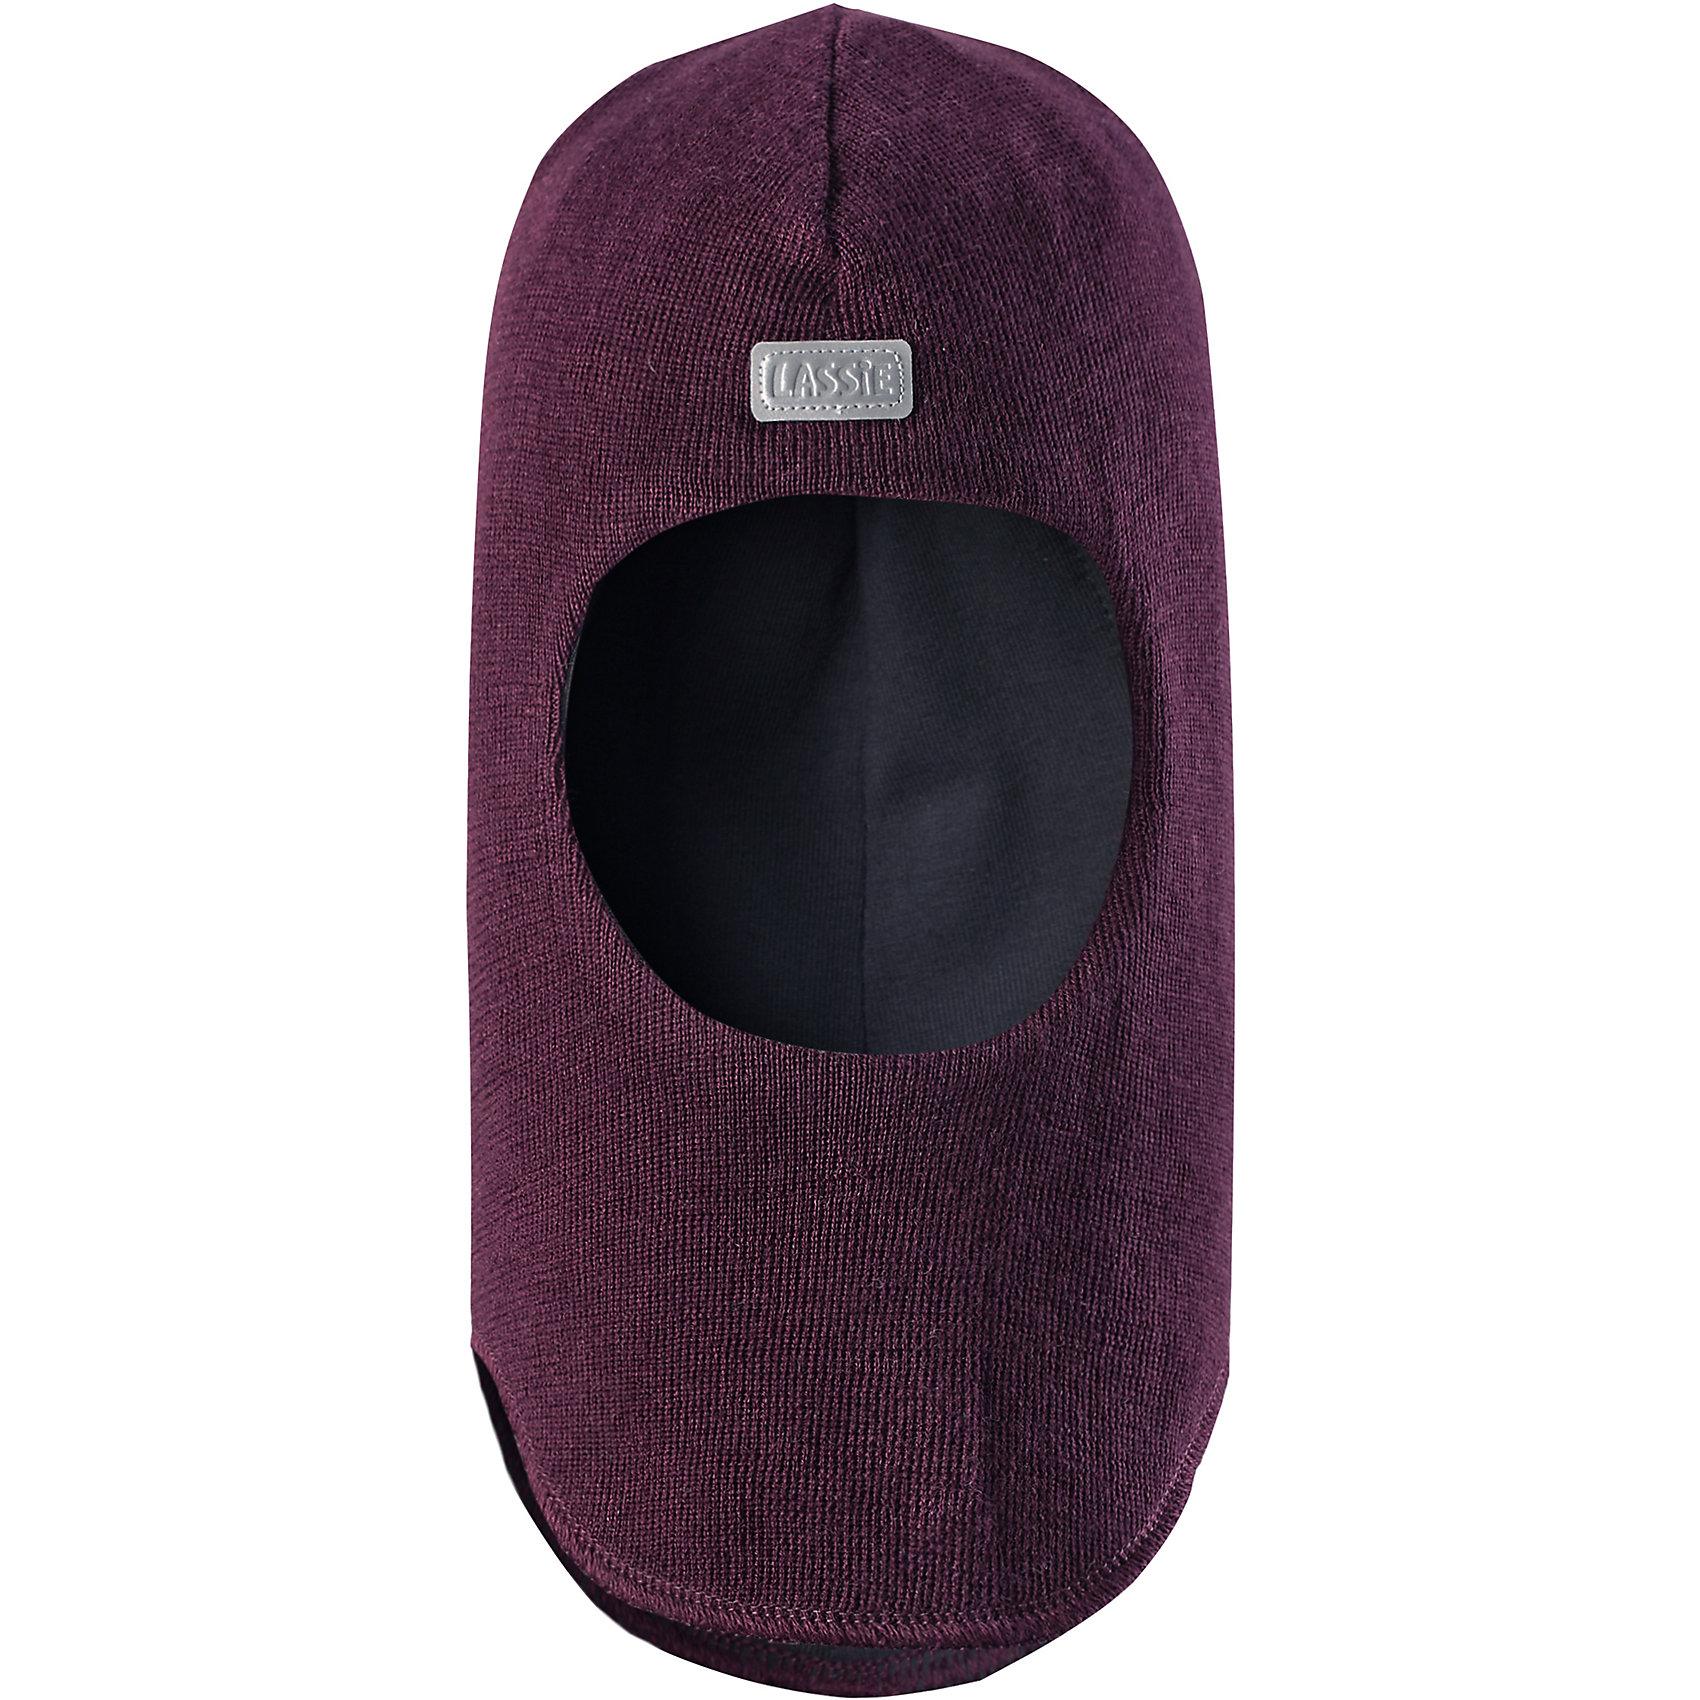 Шапка LASSIEШапка-шлем для малышей известной финской марки.<br><br>- Мягкая и теплая ткань из смеси шерсти.<br>- Ветронепроницаемые вставки в области ушей.<br>- Мягкая подкладка из хлопка и эластана. <br>- Узор из цветных полос. <br>- Светоотражающая эмблема Lassie® спереди.<br><br> Рекомендации по уходу: Придать первоначальную форму вo влажном виде. Возможна усадка 5 %.<br><br>Состав: 50% Шерсть, 50% полиакрил.<br><br>Ширина мм: 89<br>Глубина мм: 117<br>Высота мм: 44<br>Вес г: 155<br>Цвет: фиолетовый<br>Возраст от месяцев: 6<br>Возраст до месяцев: 12<br>Пол: Женский<br>Возраст: Детский<br>Размер: 44-46,54-56,50-52,46-48<br>SKU: 4781019